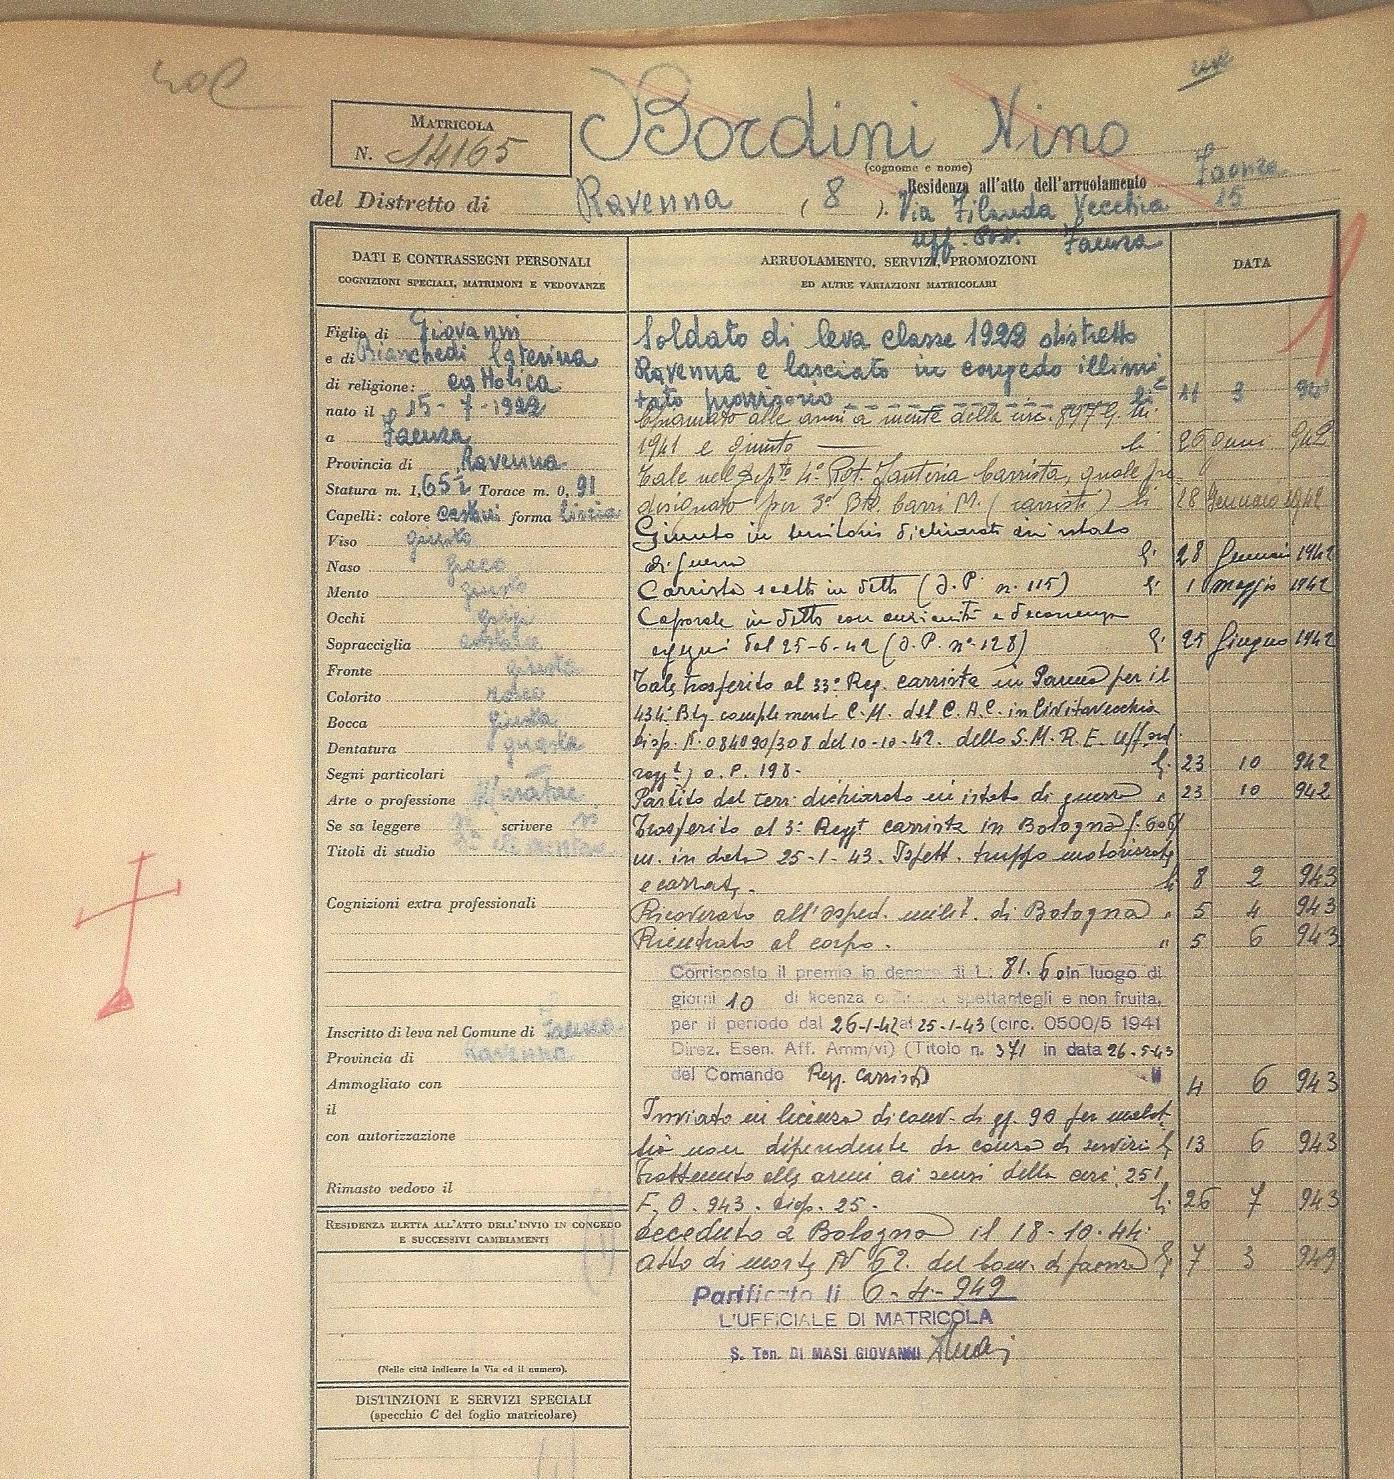 Matricola militare di Nino Bordini. Archivio di Stato di Forlì Cesena.